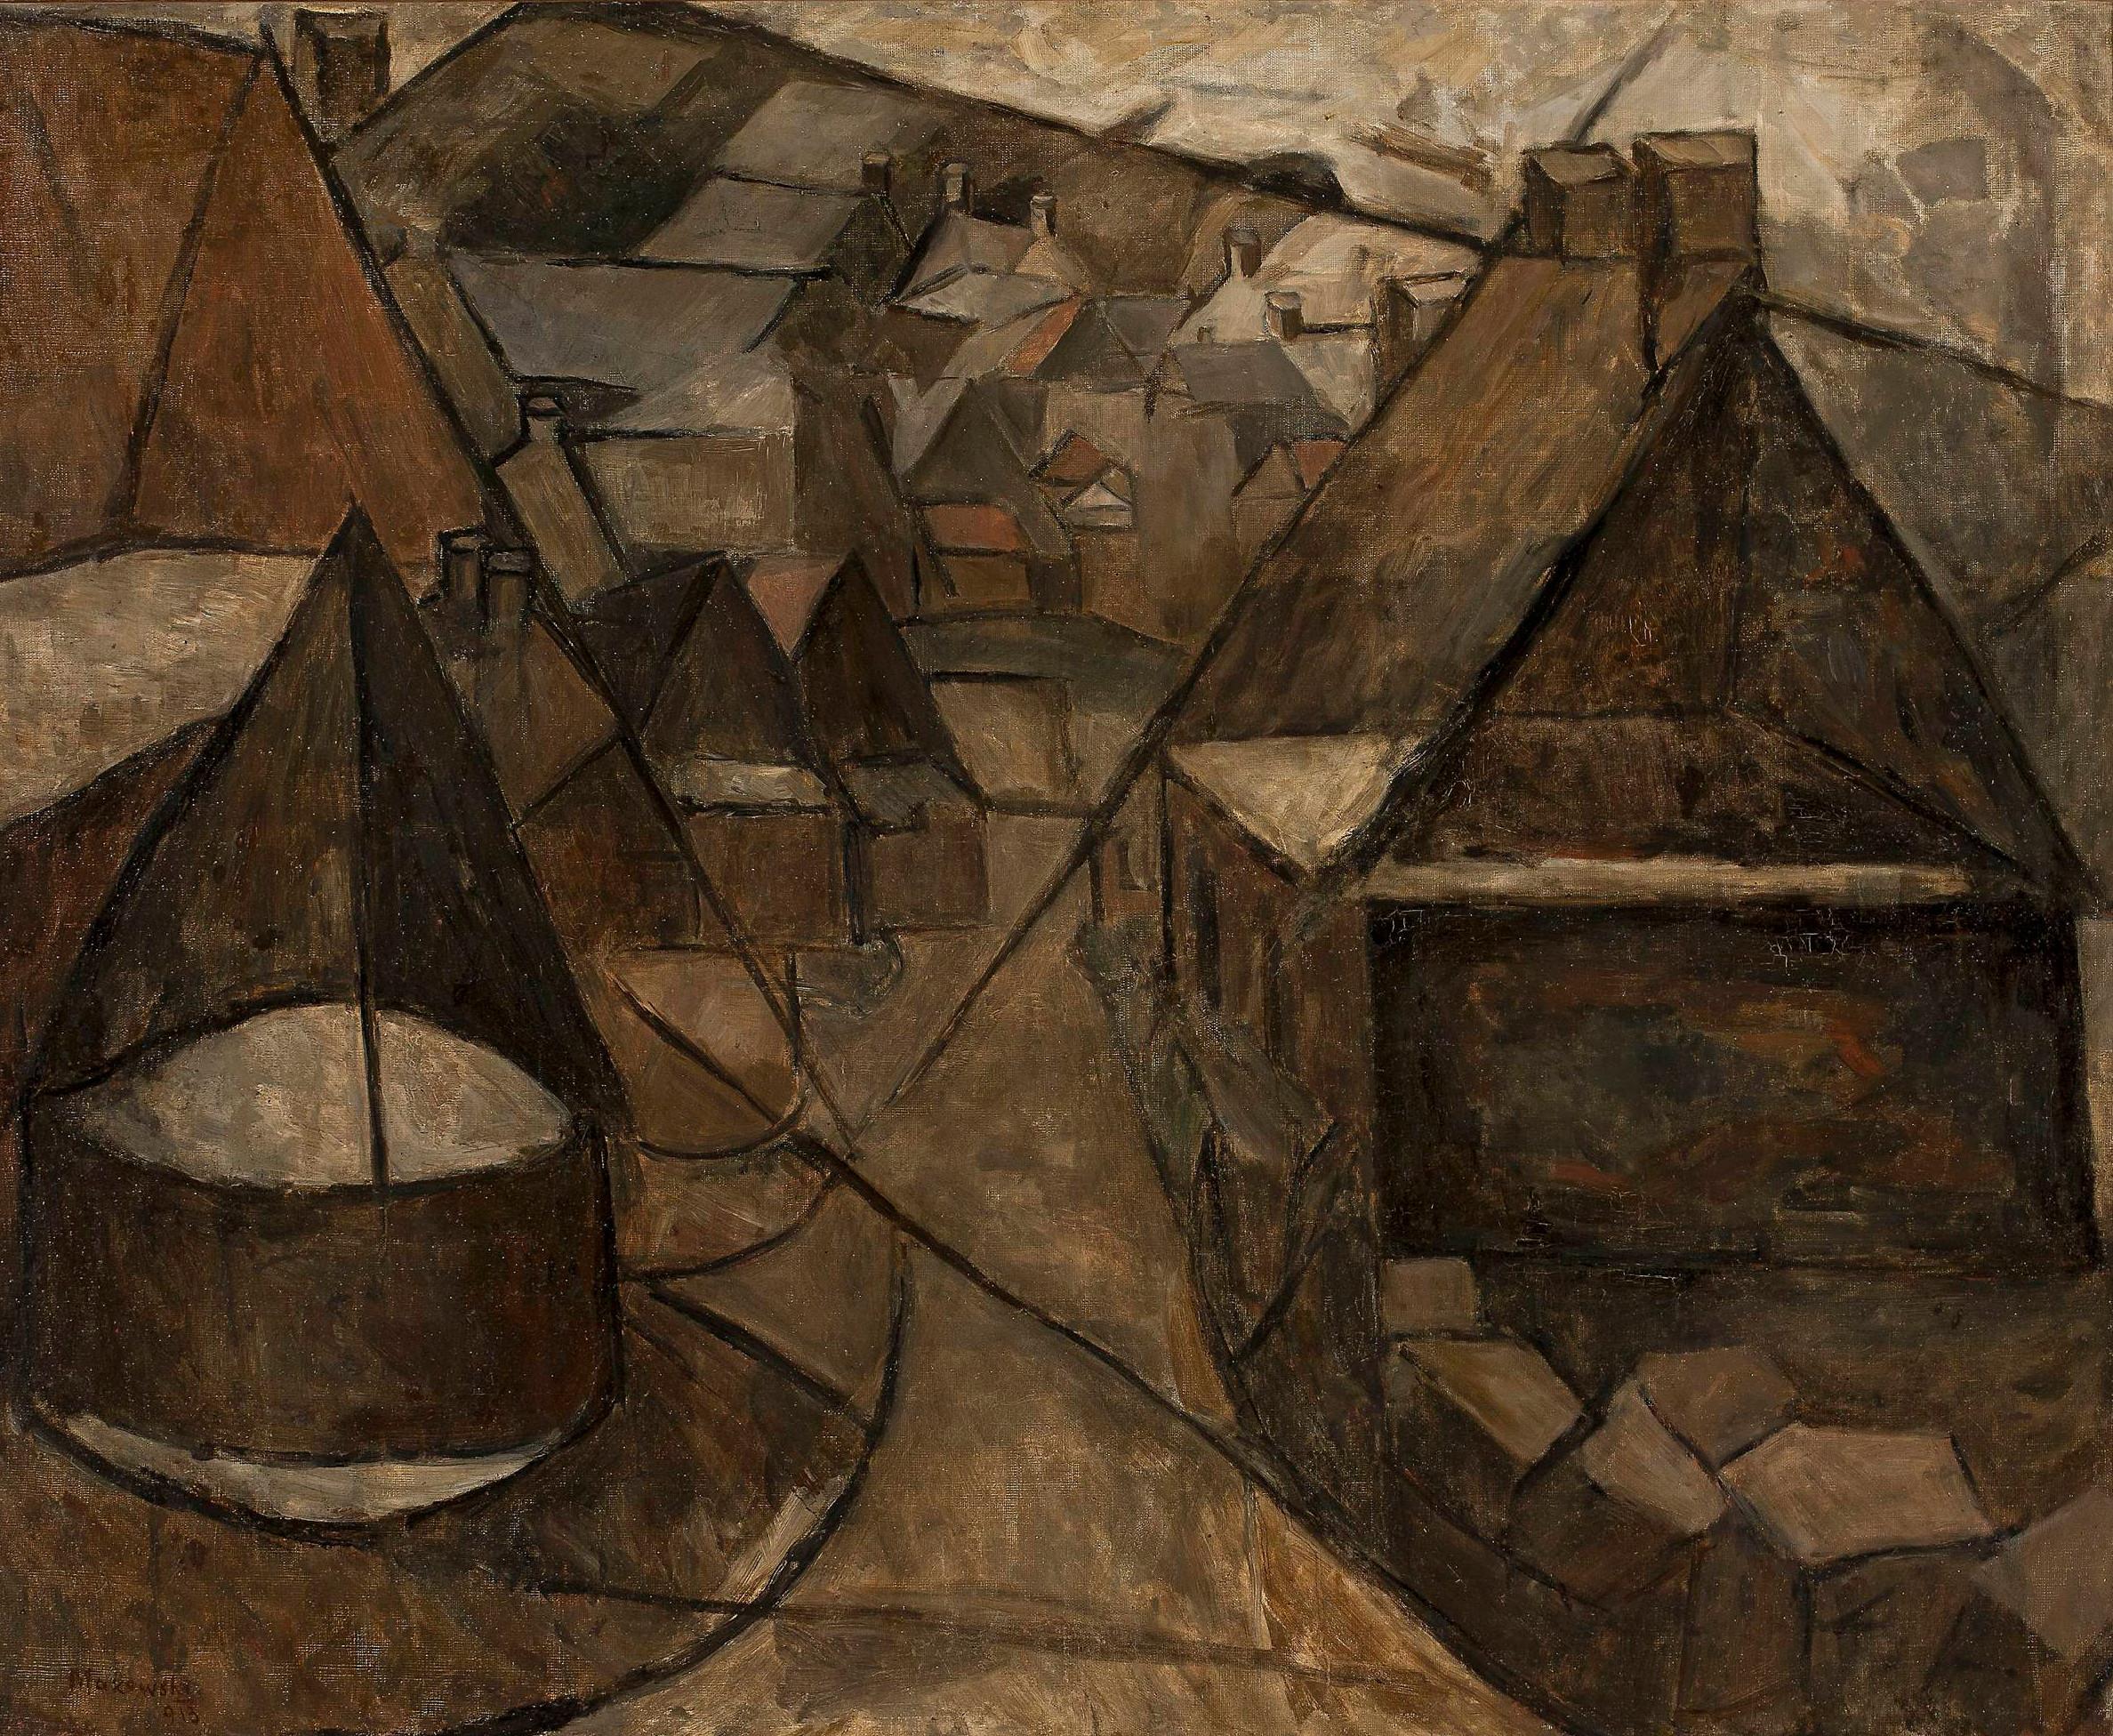 """Tadeusz Makowski (1882-1932) """"Pejzaż bretoński ze studnią"""", 1913 rok, źródło: Muzeum Narodowe w Warszawie"""